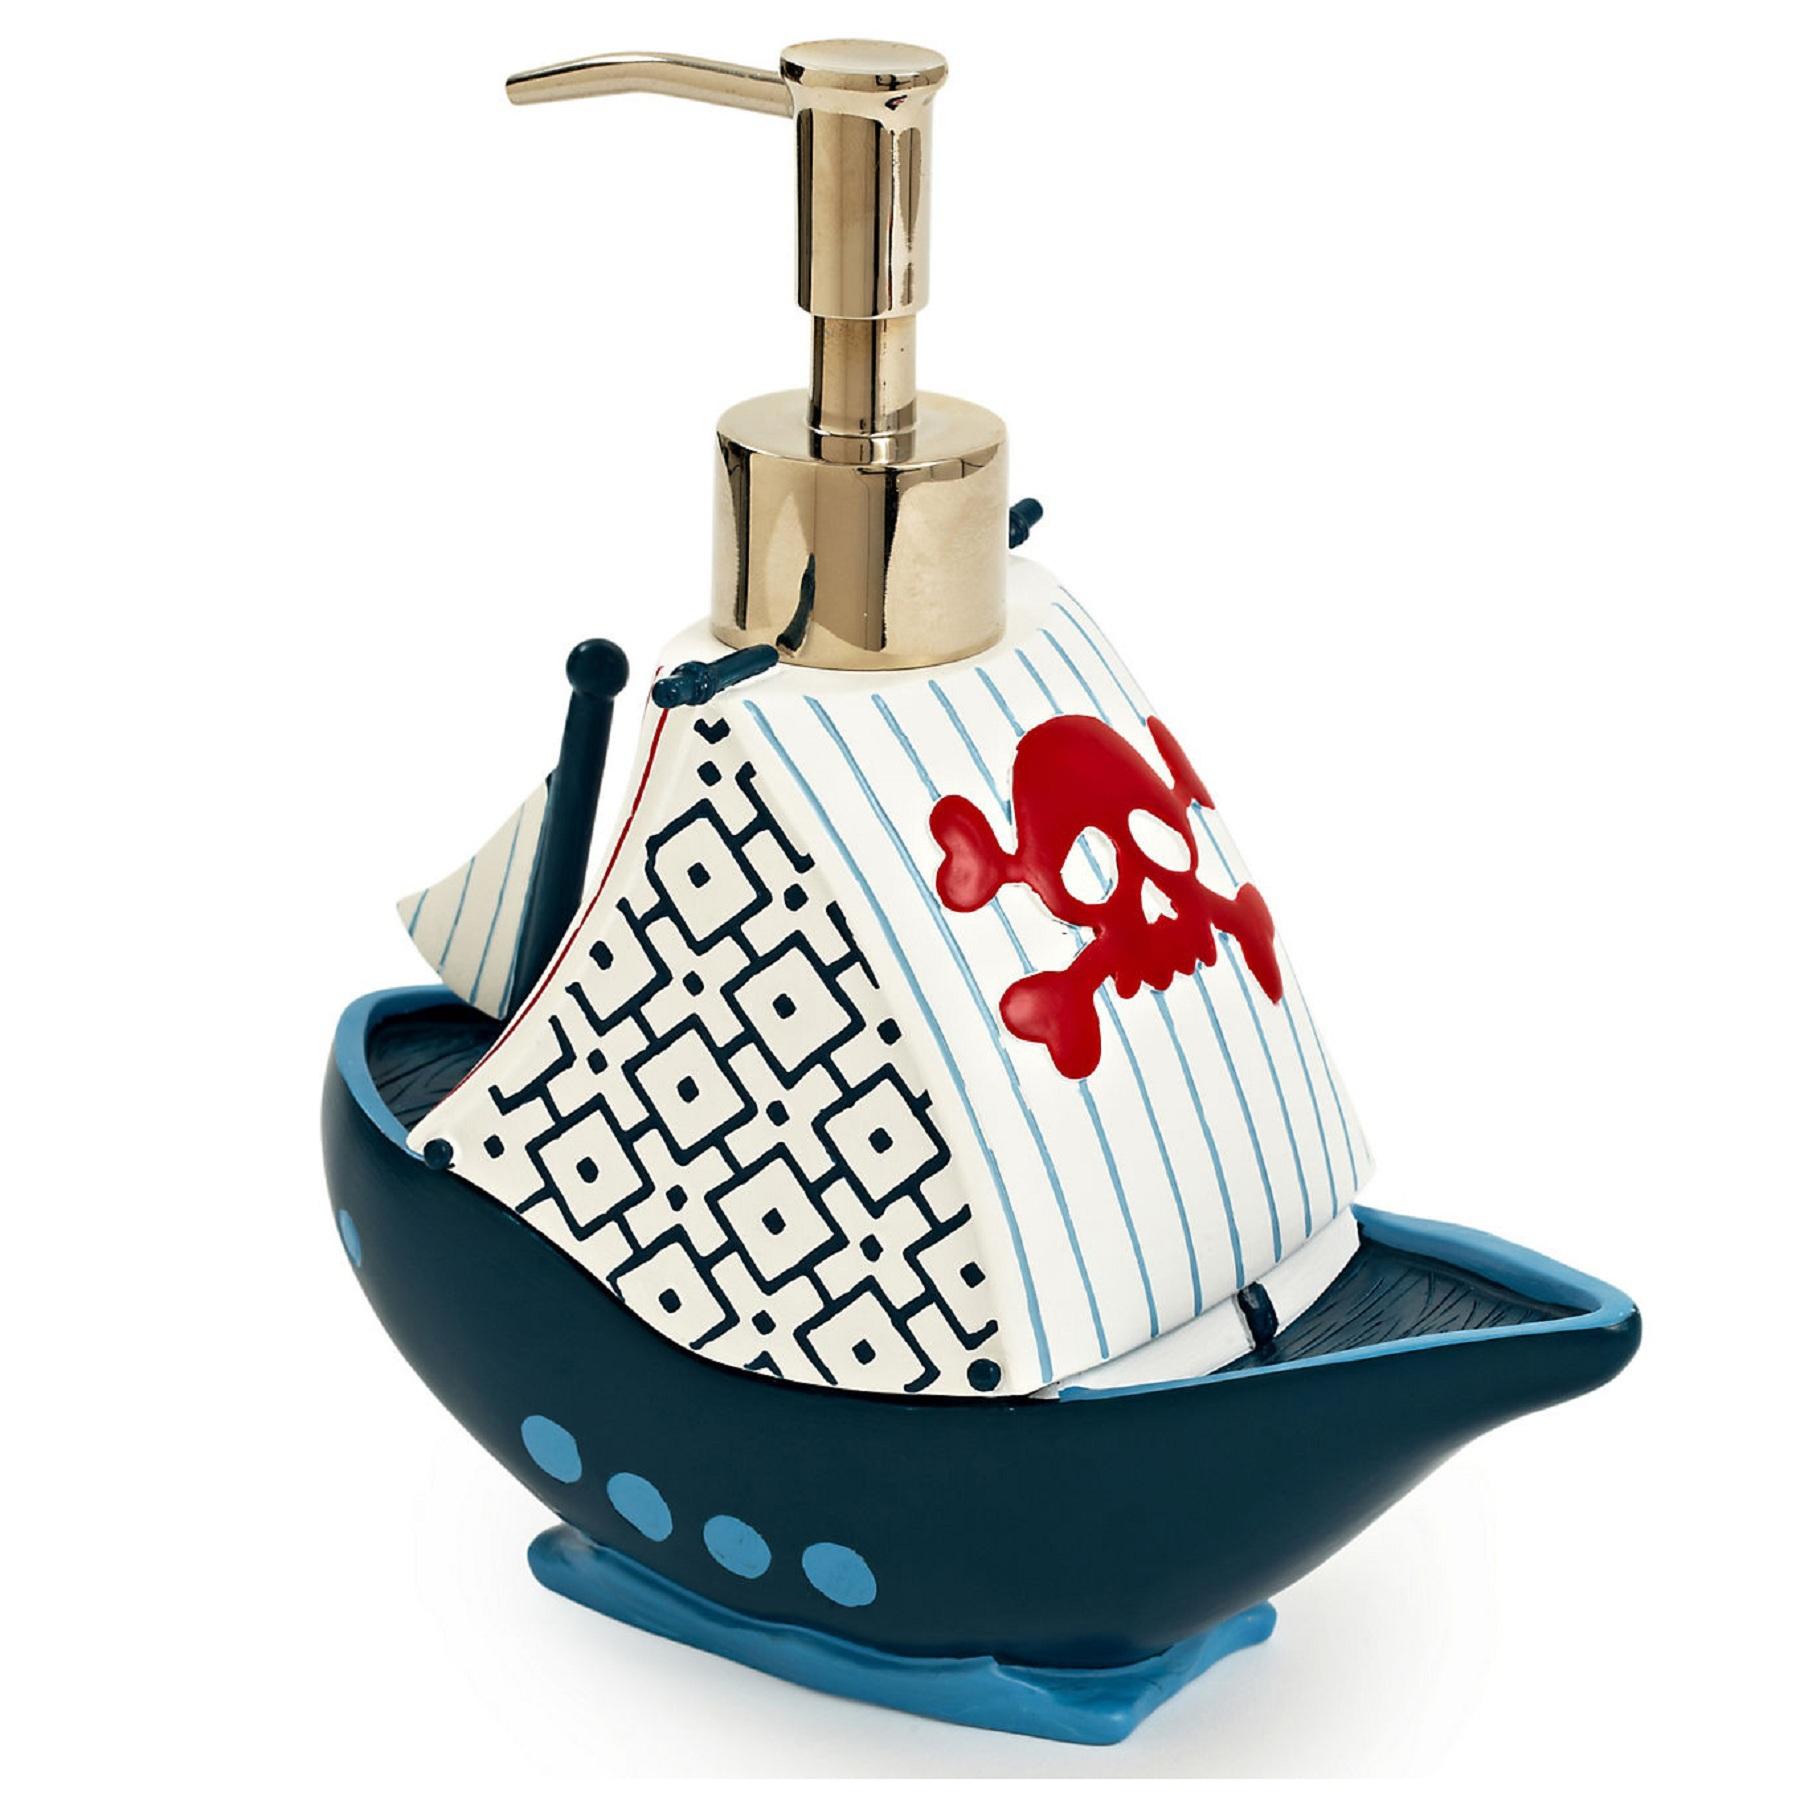 Для ванной Дозатор для жидкого мыла детский Pirates от Kassatex dozator-dlya-zhidkogo-myla-pirates-ot-kassatex-ssha-kitay.jpg